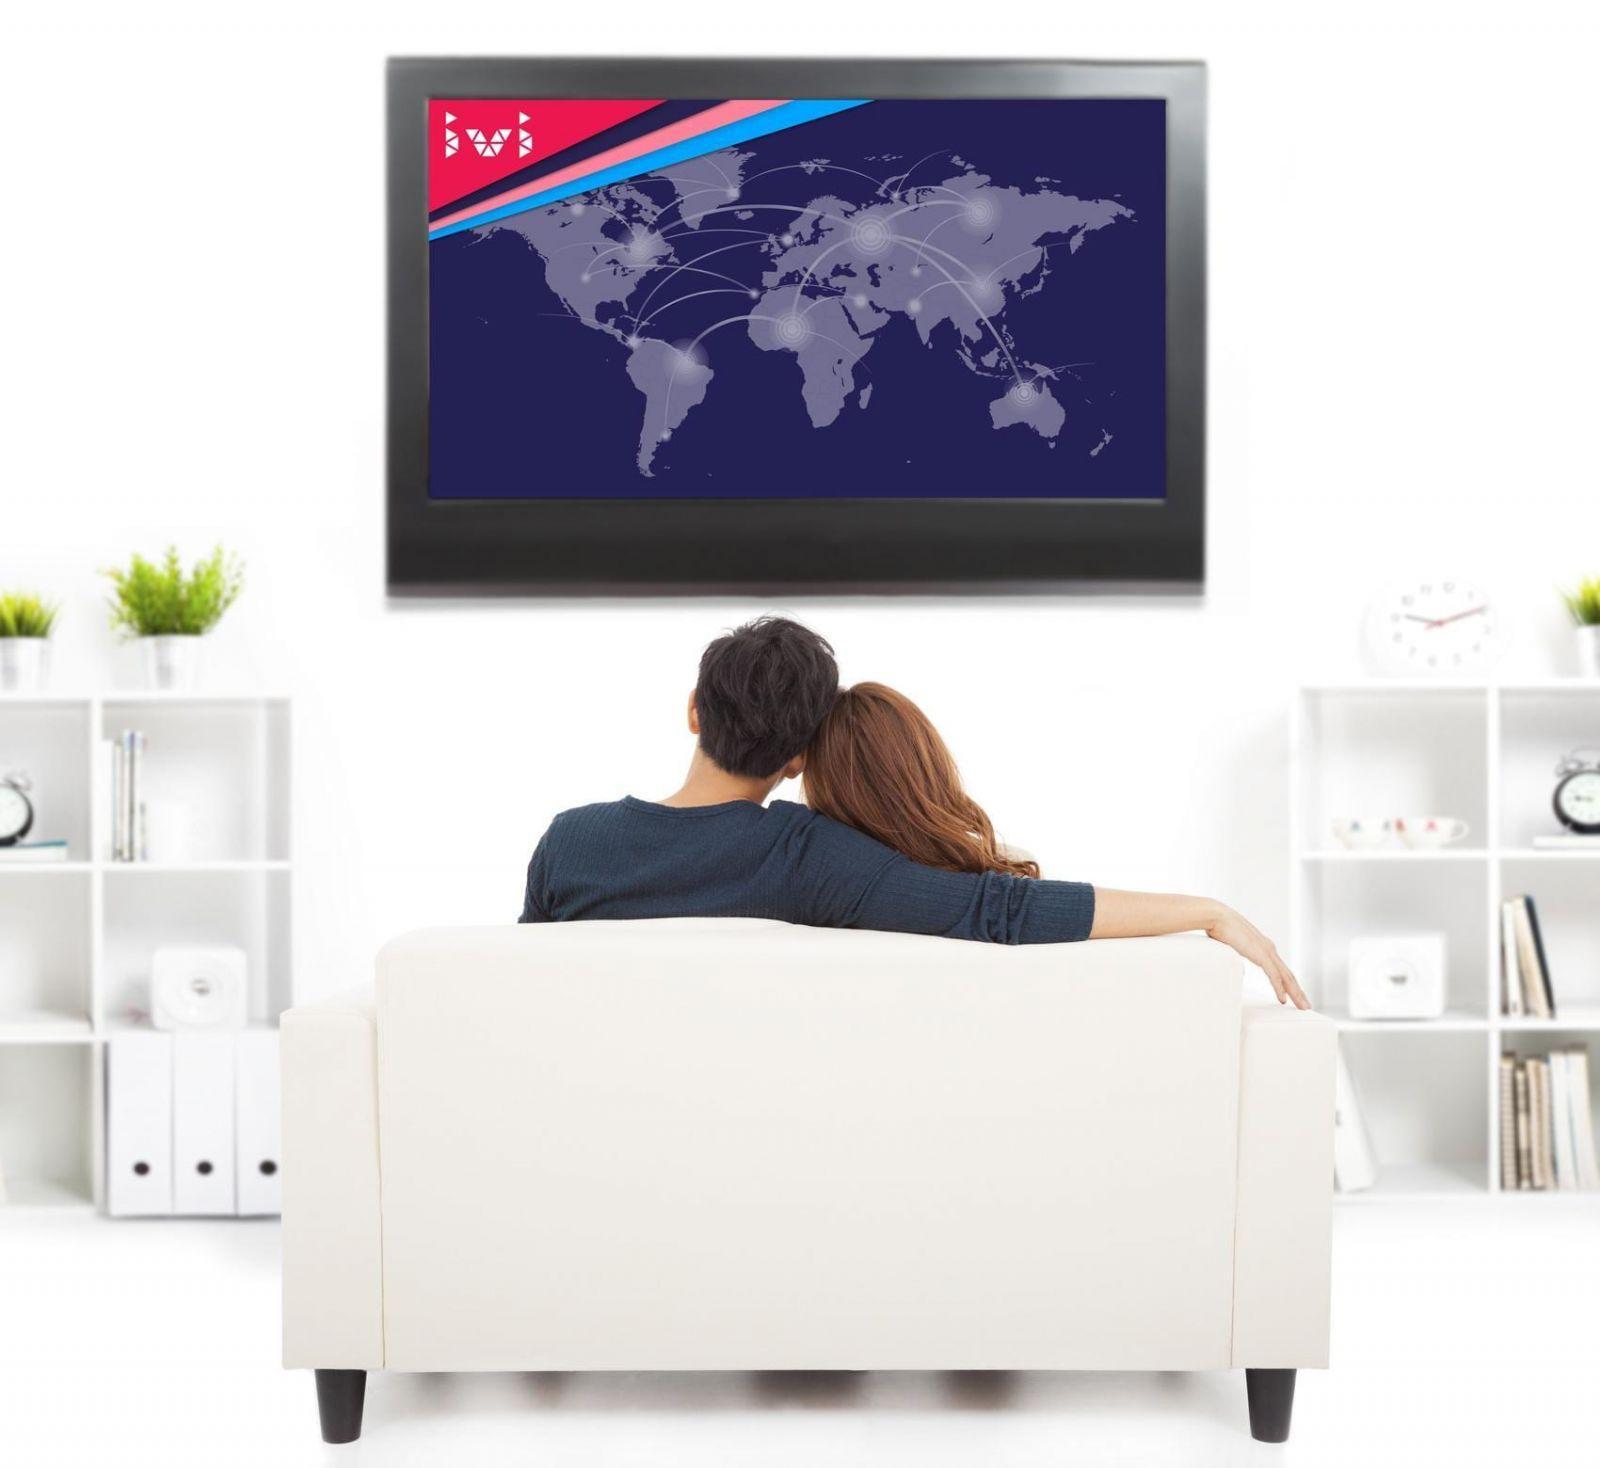 Кинотеатр ivi теперь работает по всему миру (tv ivi world2)